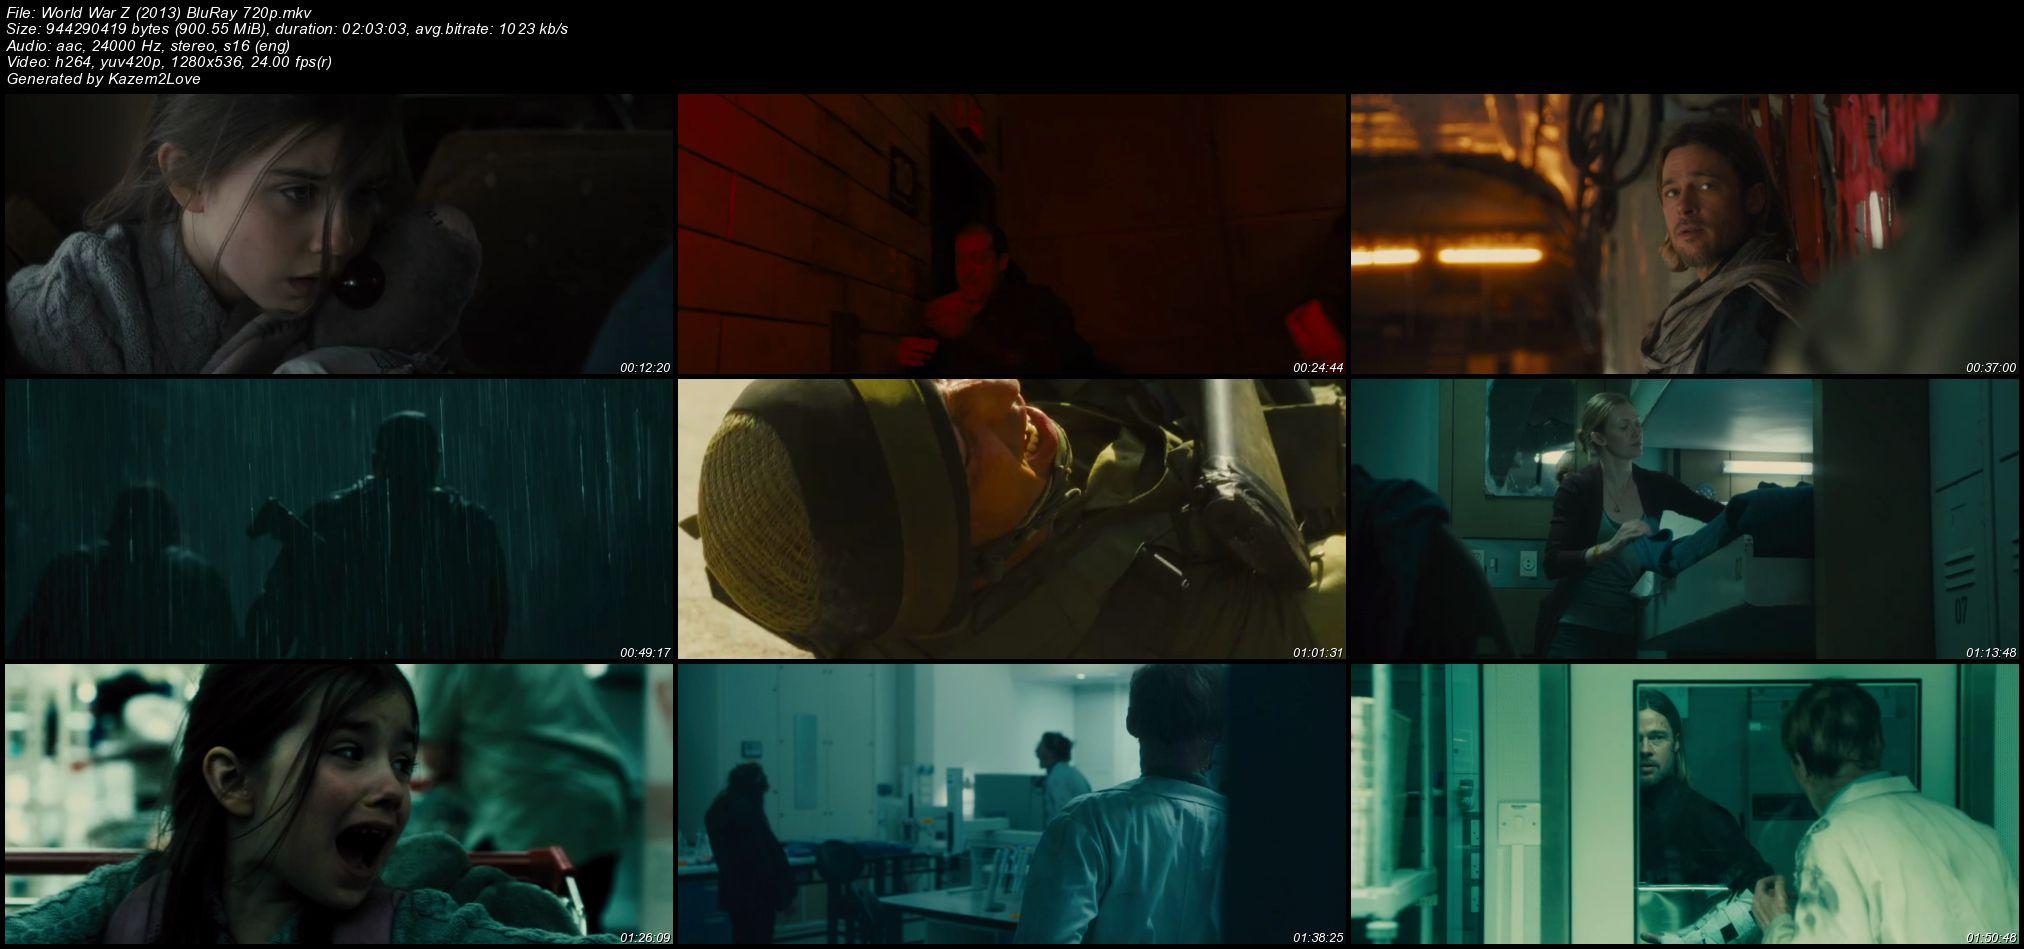 دانلود+فیلم+جدید+زامبی+2013